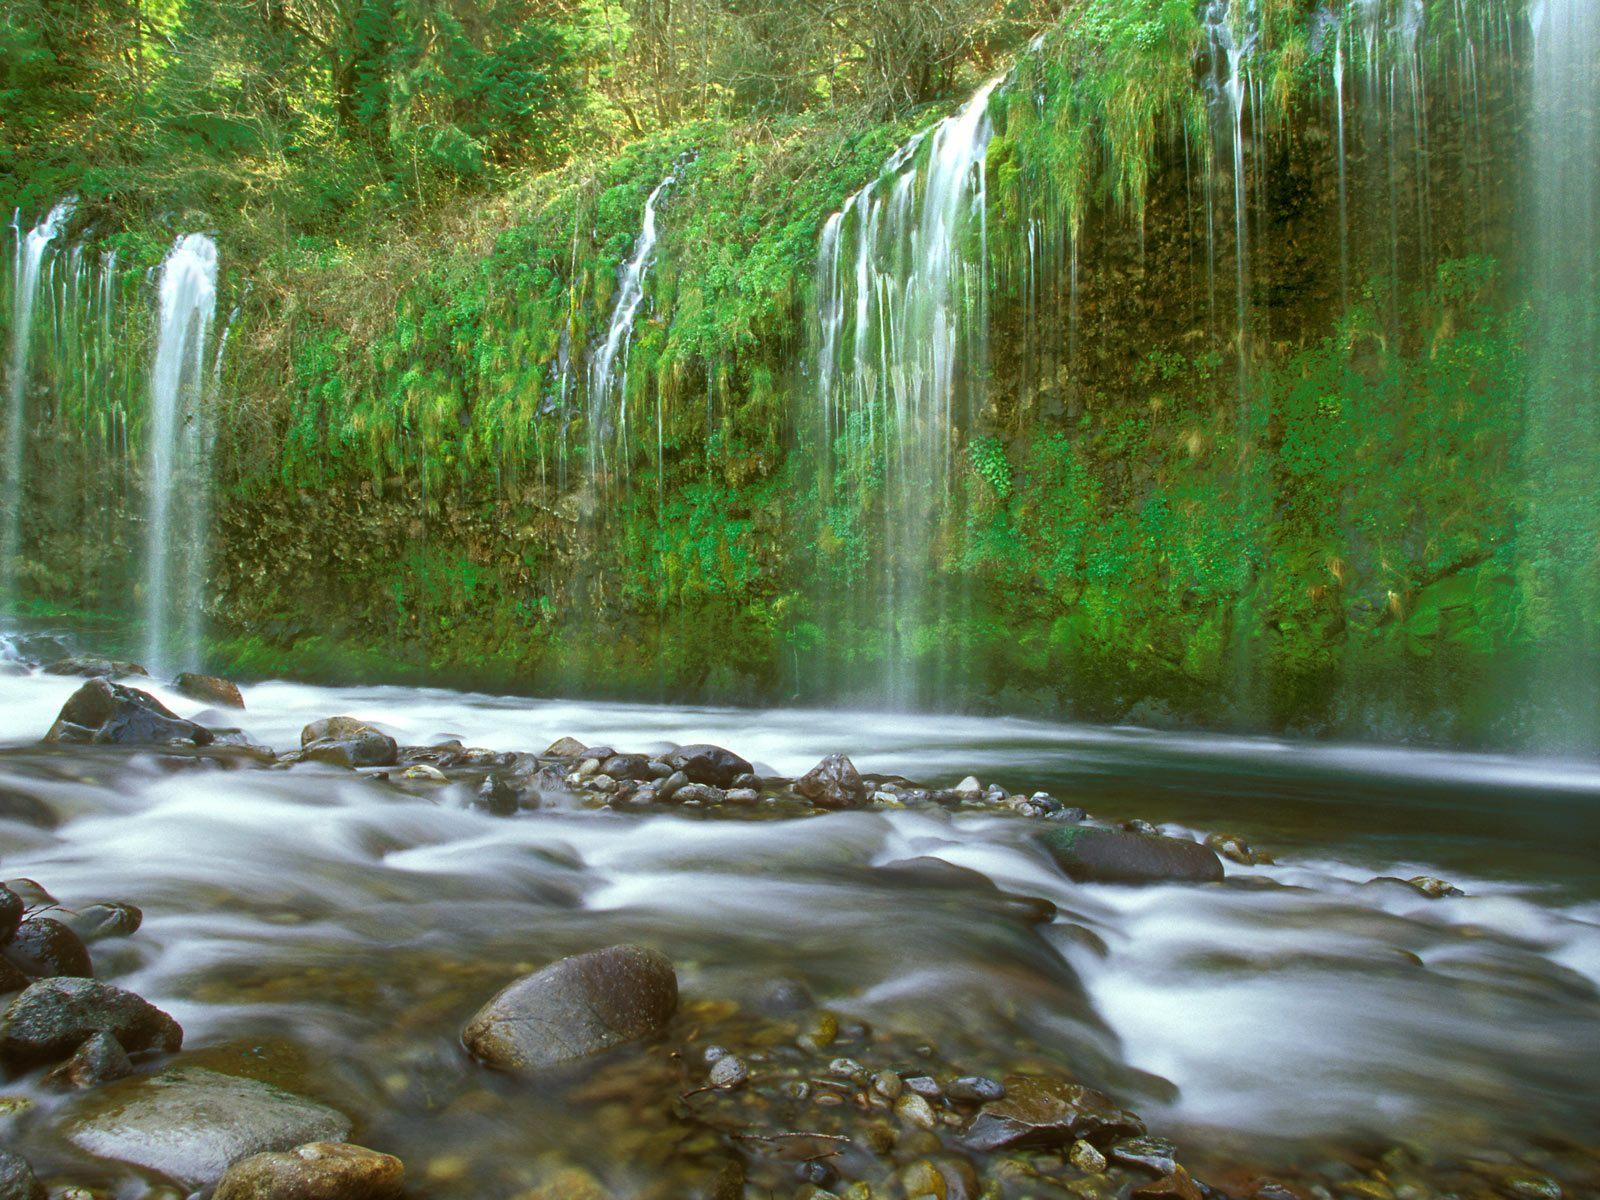 gambarwallpaper pemandangan air terjun Mouse Creek Fallsin Winter ...